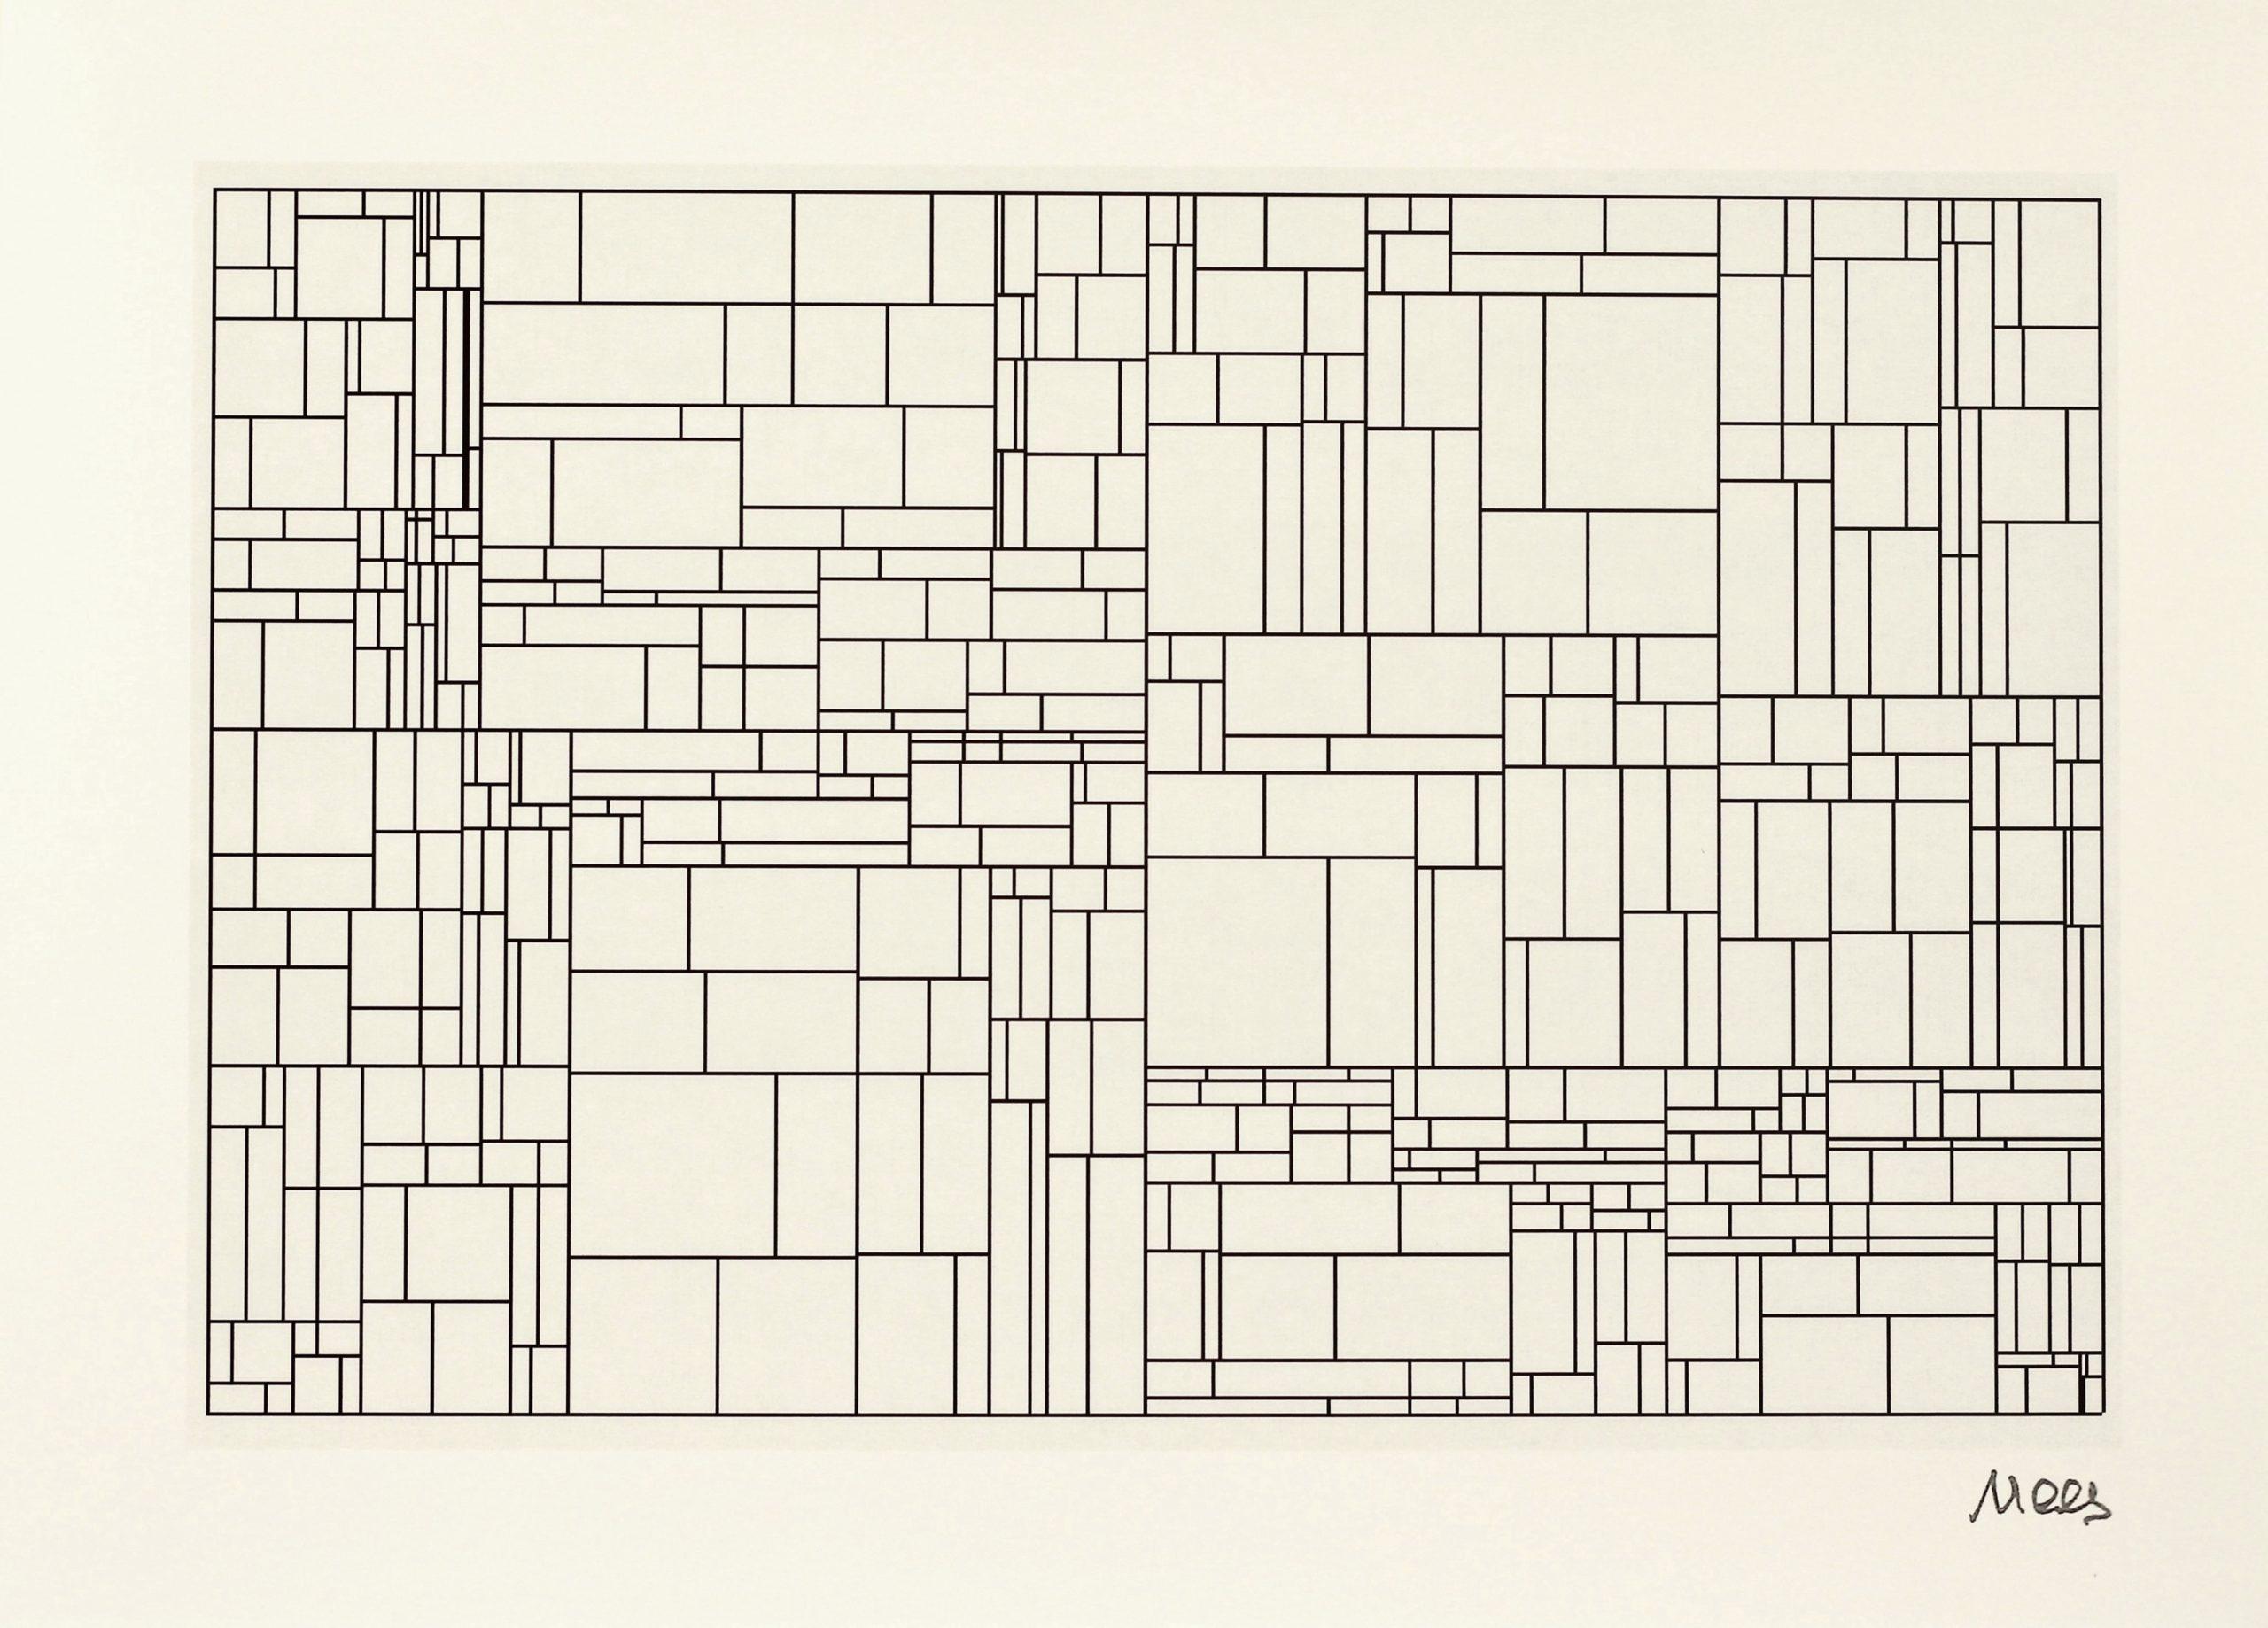 Georg Nees, Midas, Hahnemühle Kunstdruck, 29,6 x 42 cm, Auflage von 50, 1968/2009